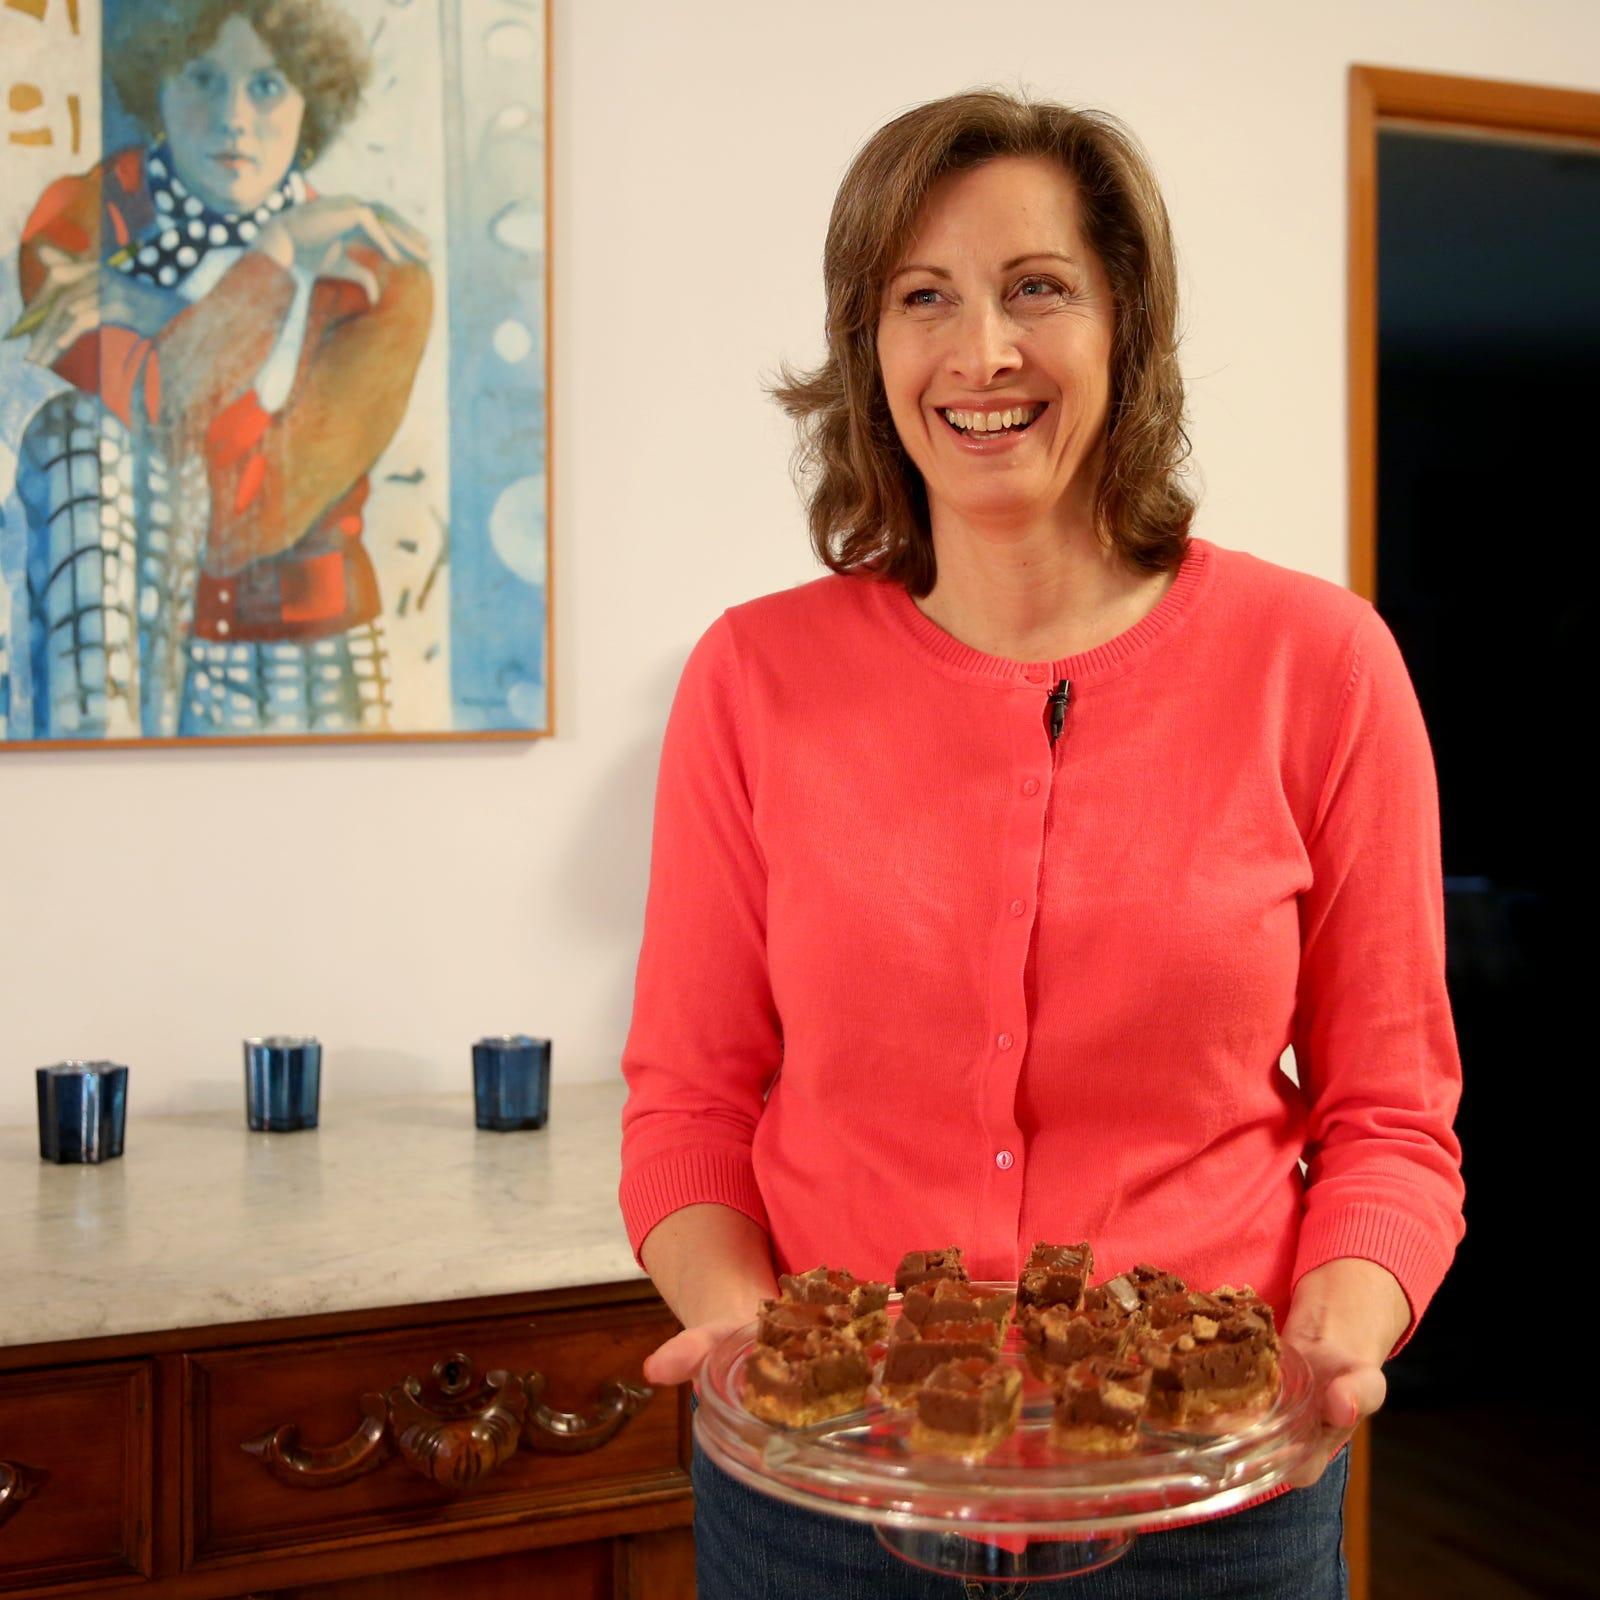 Hubbard resident wins 2019 PillsburyBake-Off dessert category, becomes finalist